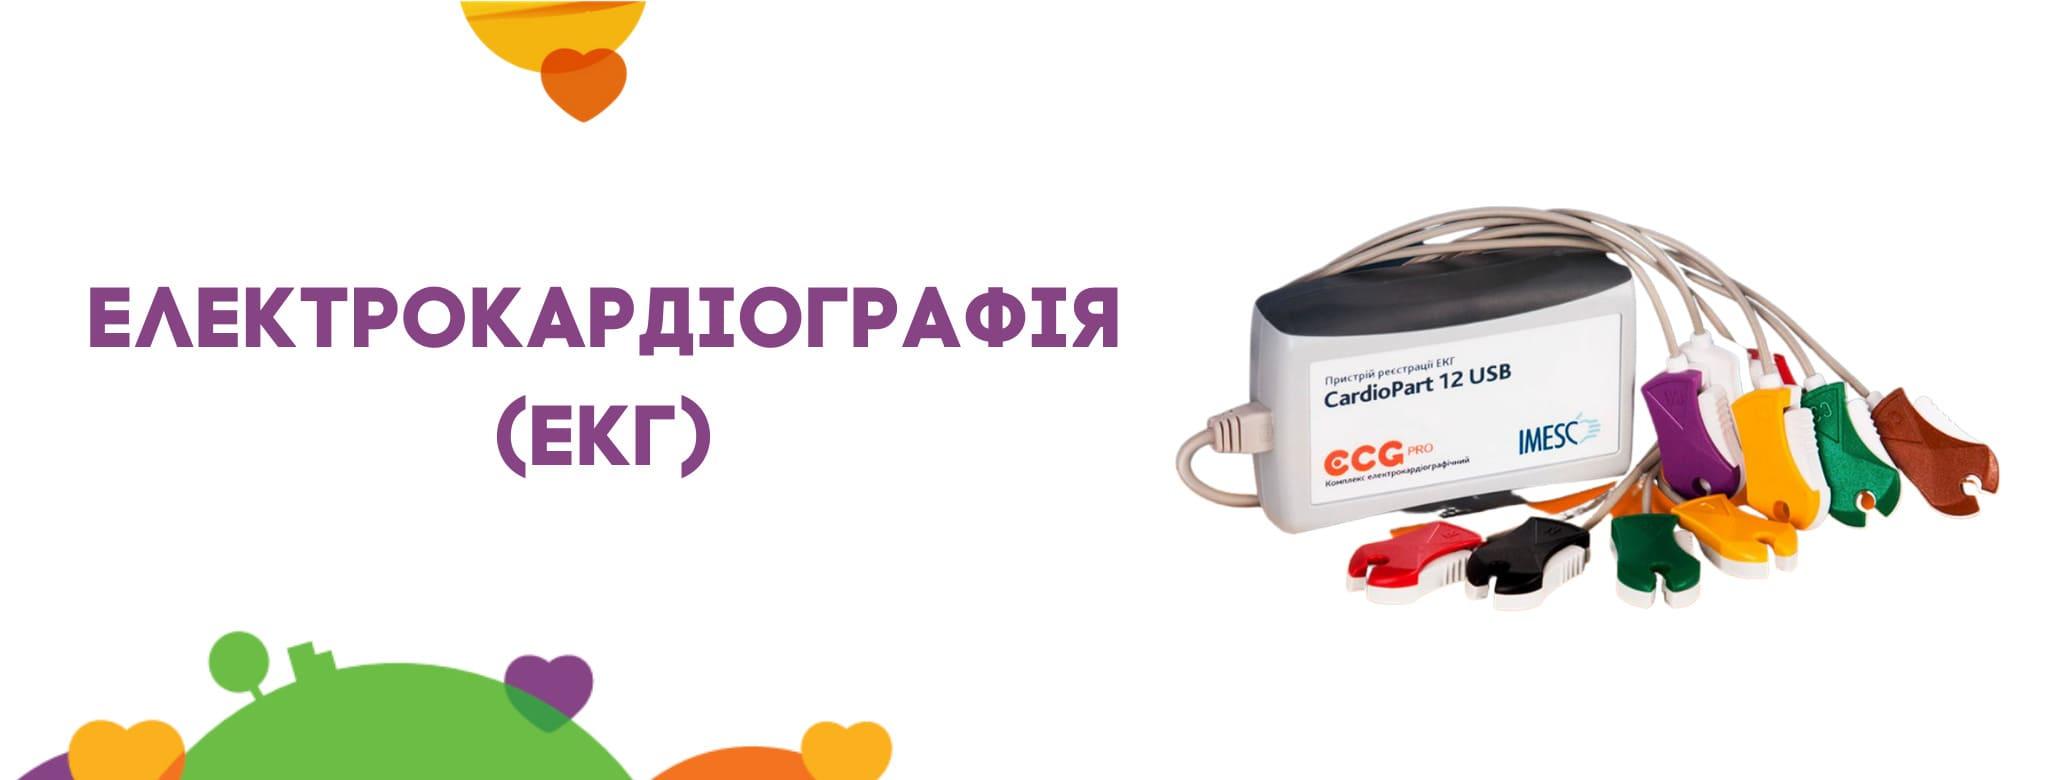 Електрокардіографія (ЕКГ) ❤